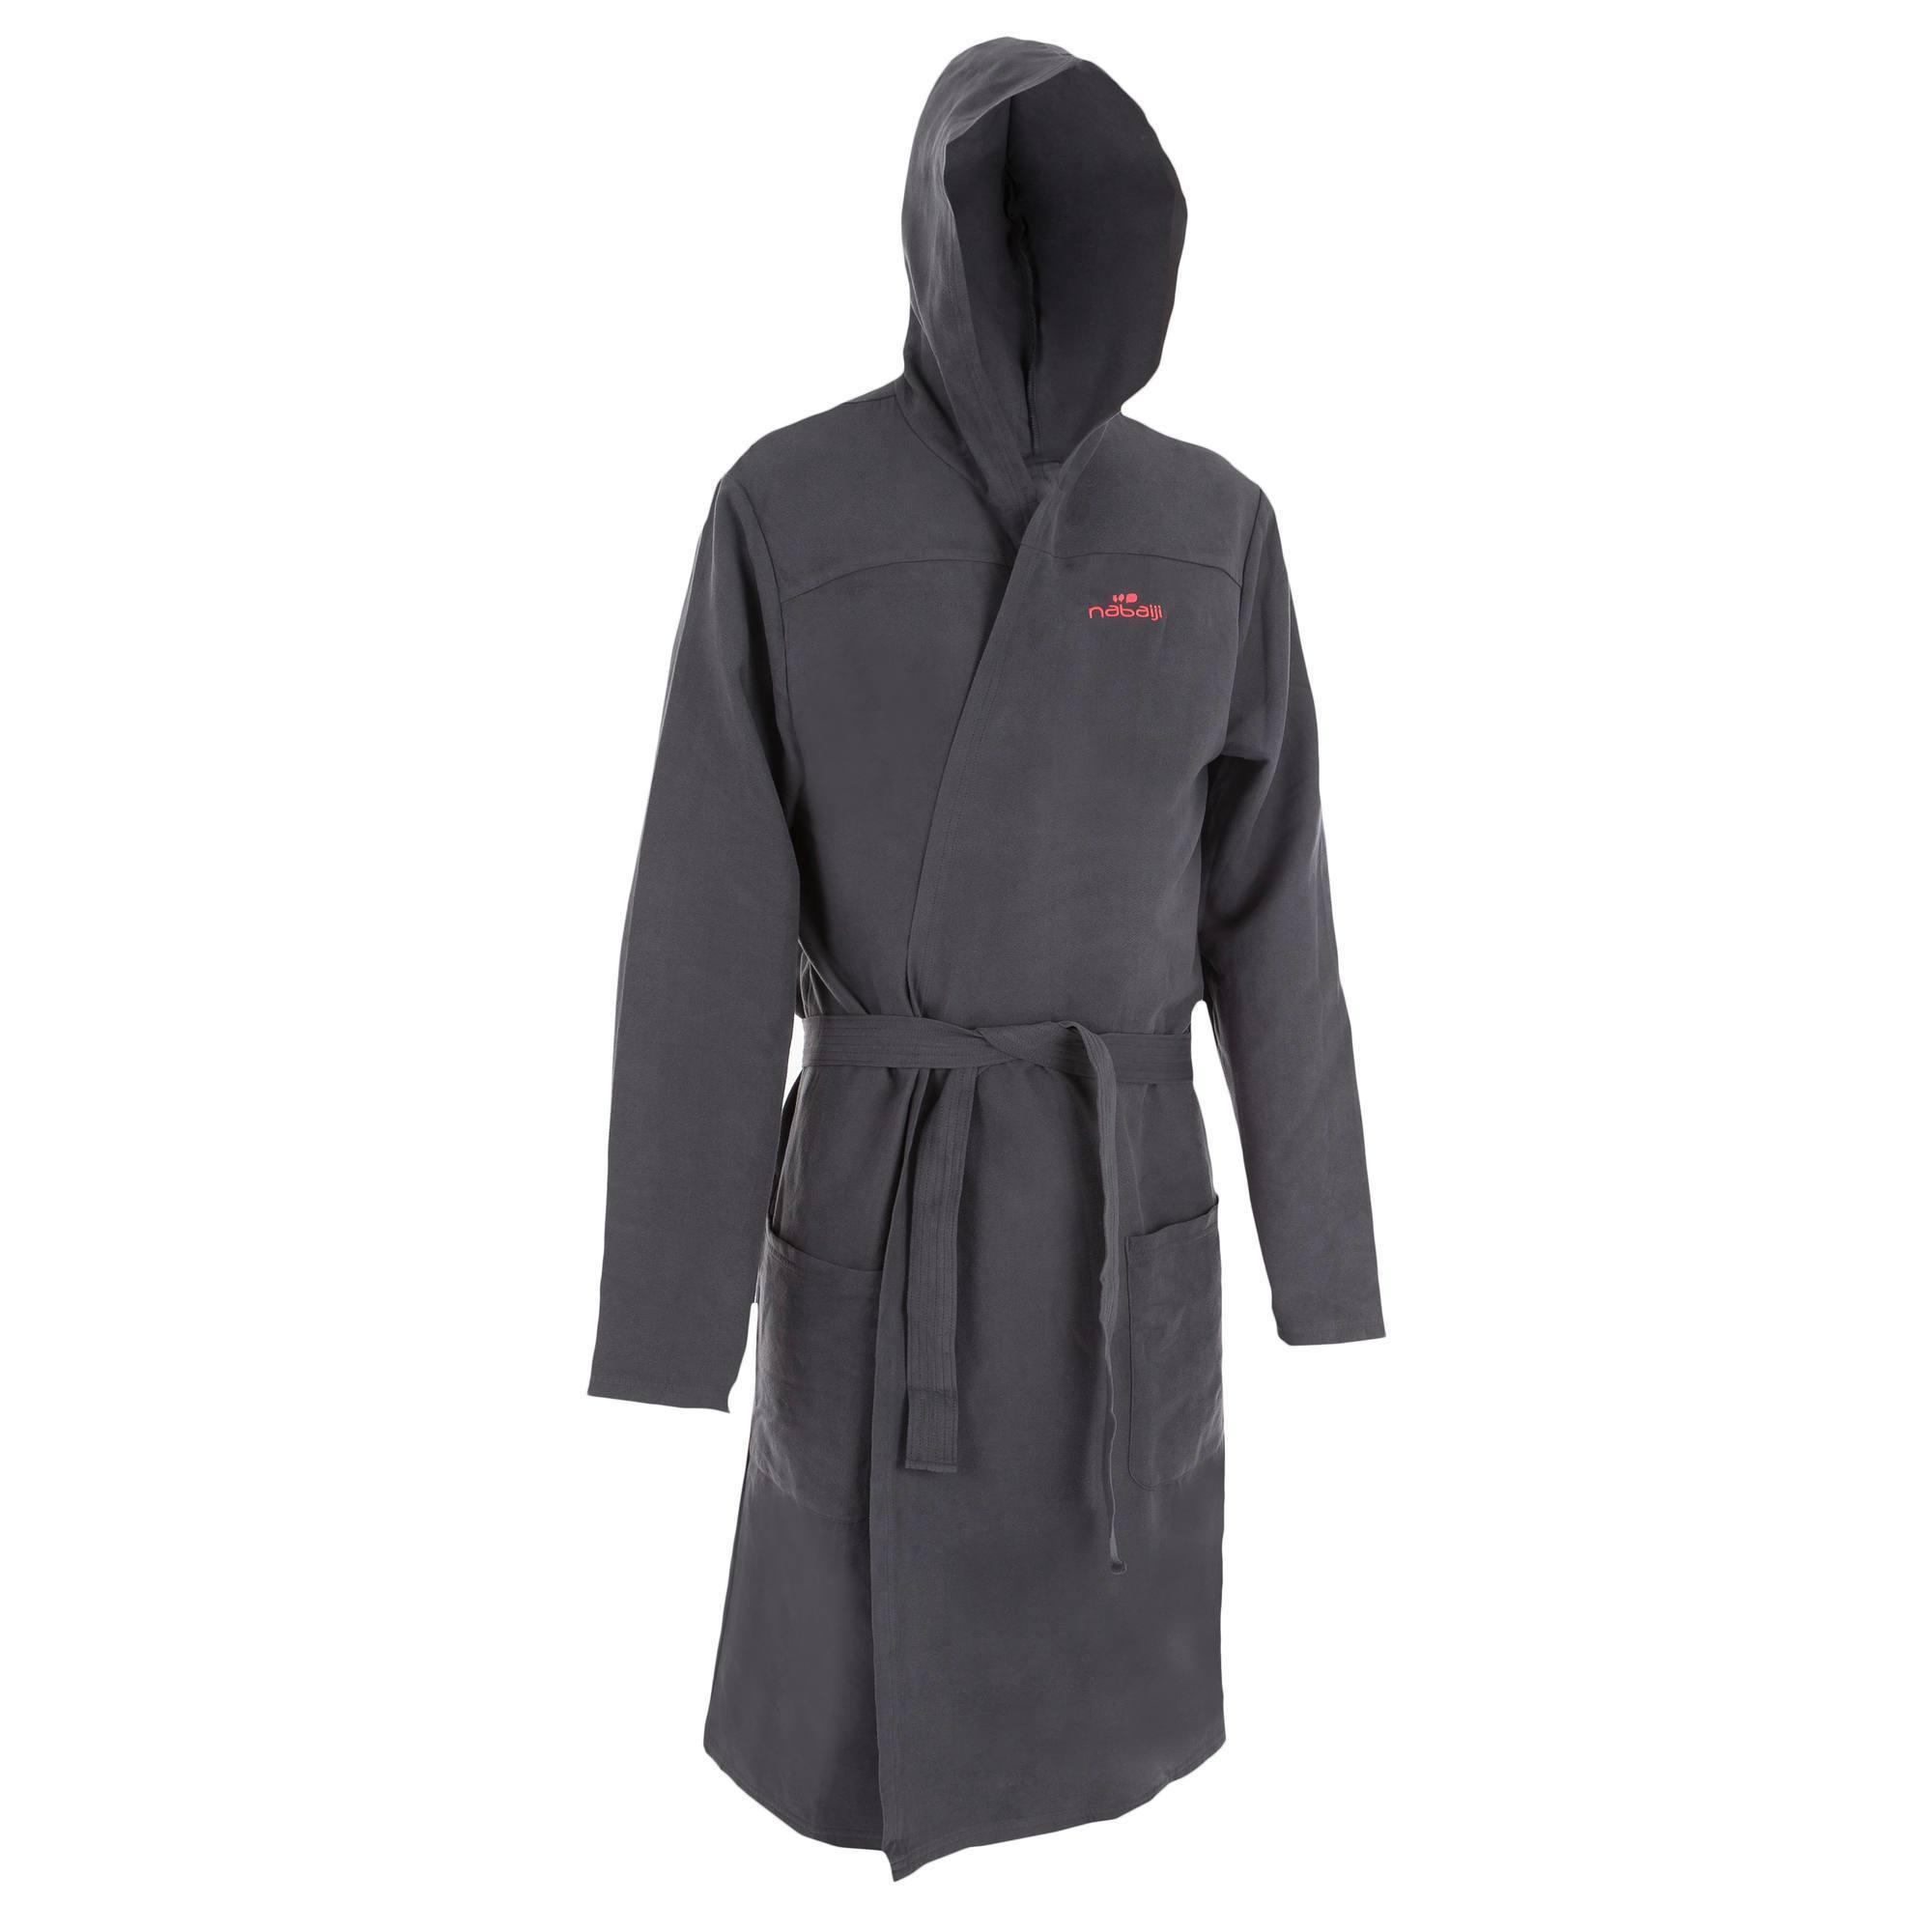 Peignoir microfibre natation homme gris foncé avec capuche, poches et ceinture